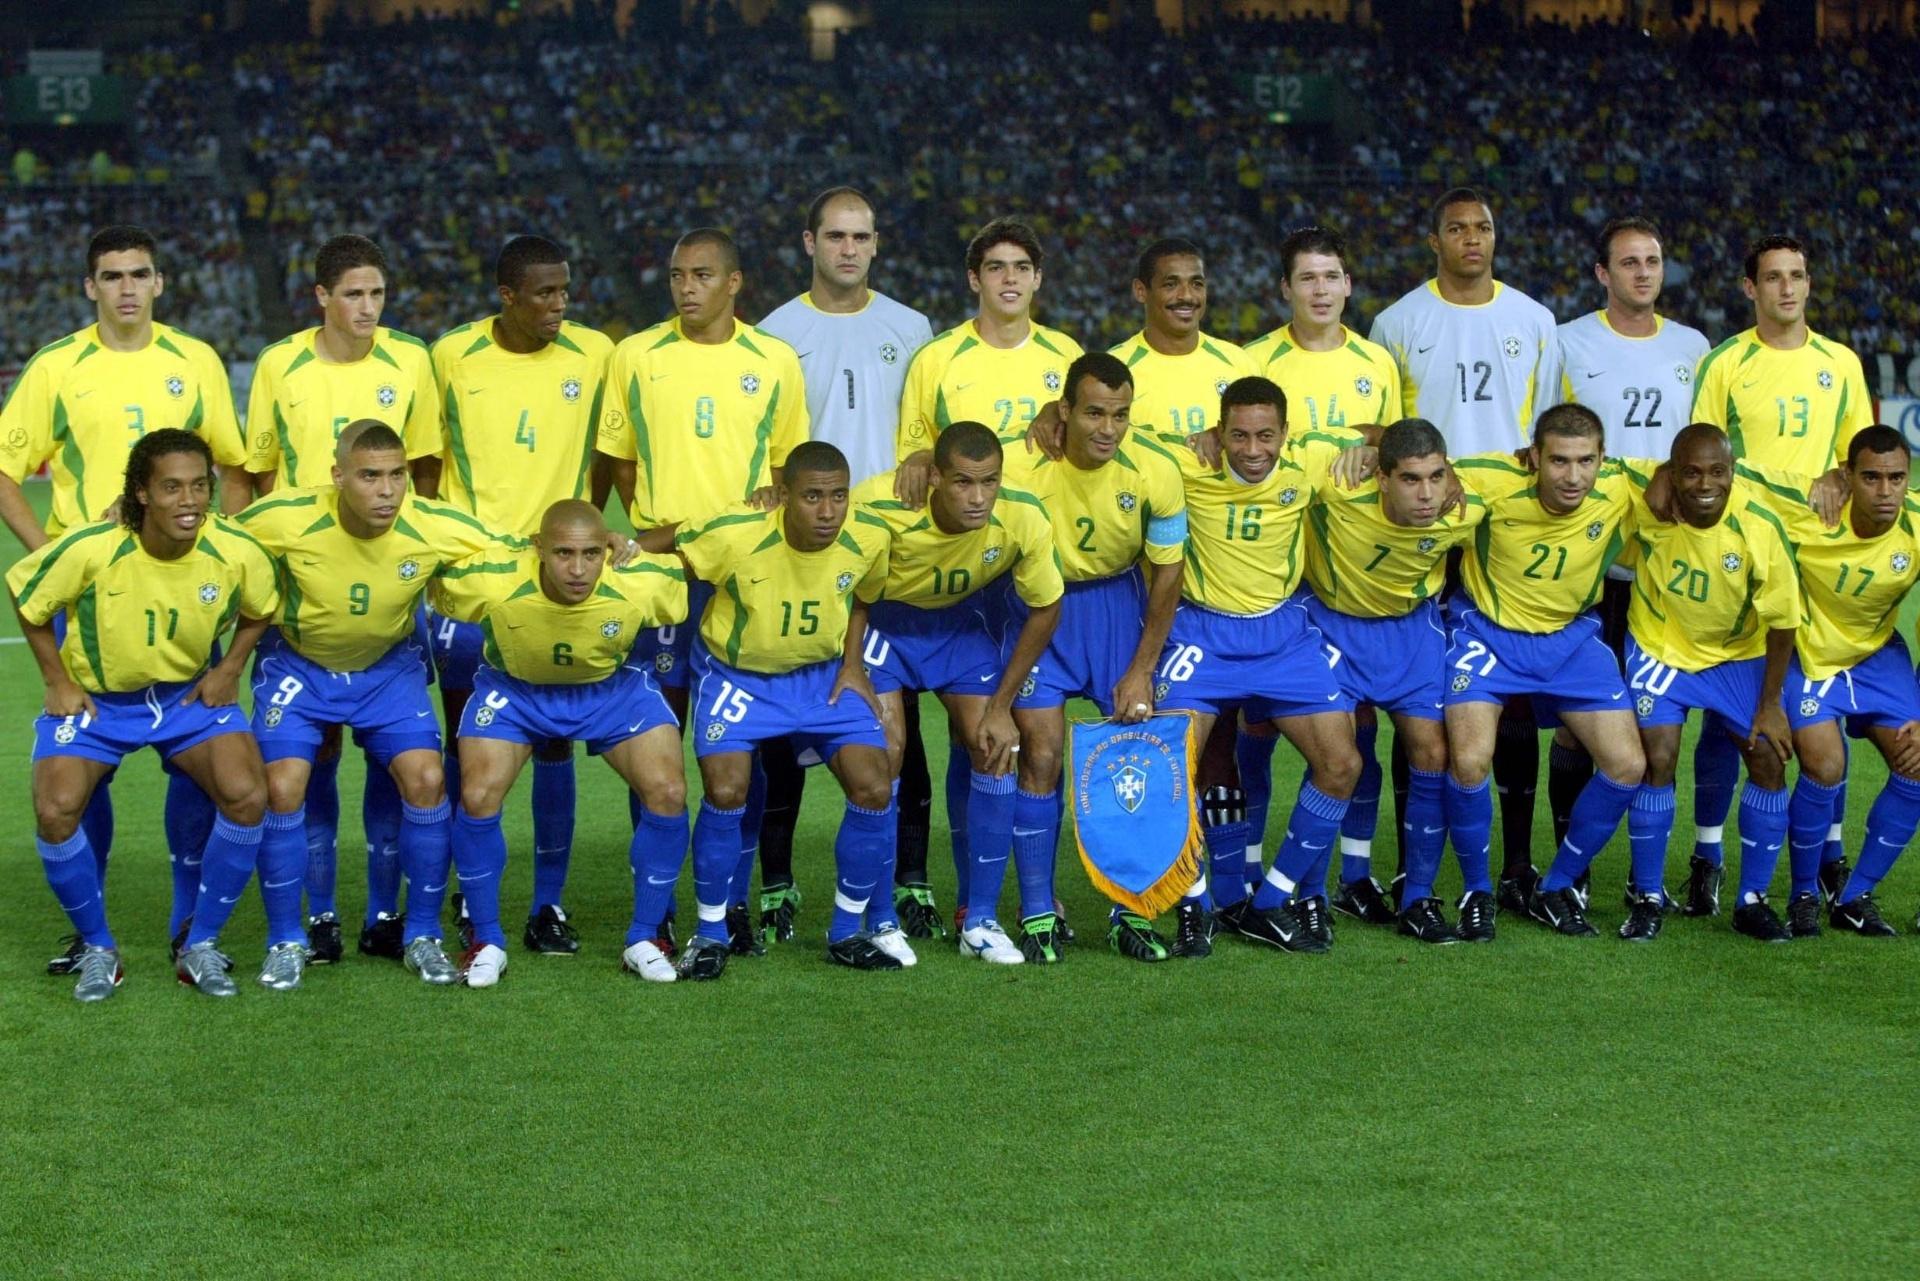 Harley Lima Fernandes guarda imagens históricas da seleção brasileira em Copas do Mundo, como esta imagem do time posado durante o Mundial de 2002